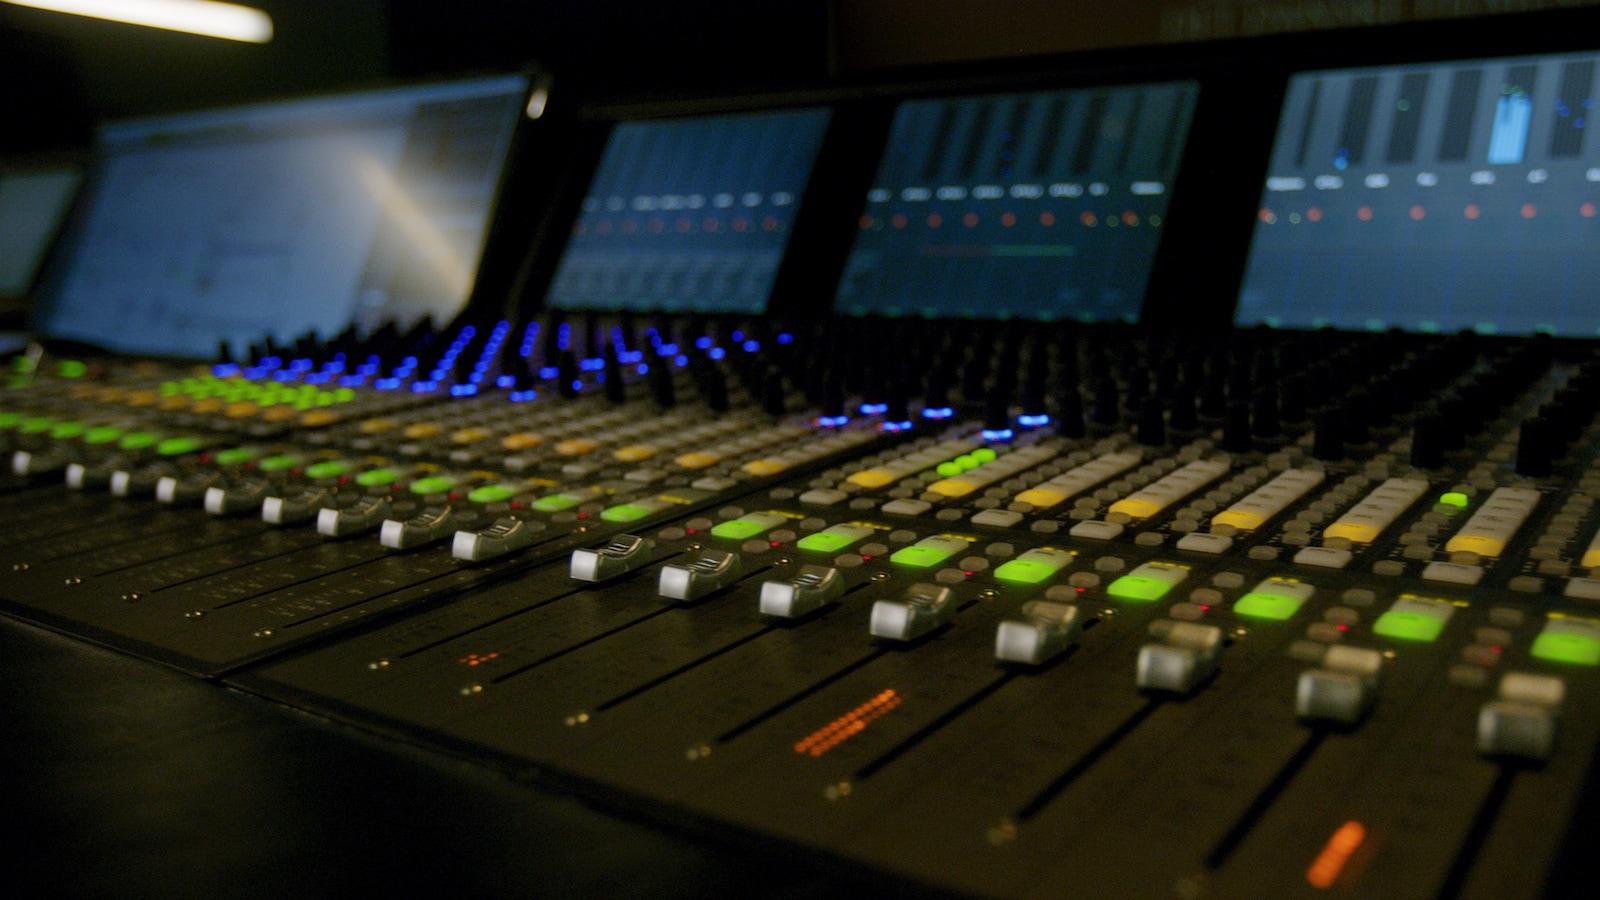 Sound design, Tonschnitt & Dialogbearbeitung - Wir arbeiten mit einem Team aus festen und freien Sound Designern zusammen, um für Eure Werke und Geschichten an den ProTools und Nuendo Schneideplätzen die passenden Klangwelten und eine mitreißende Tondramaturgie zu erschaffen.